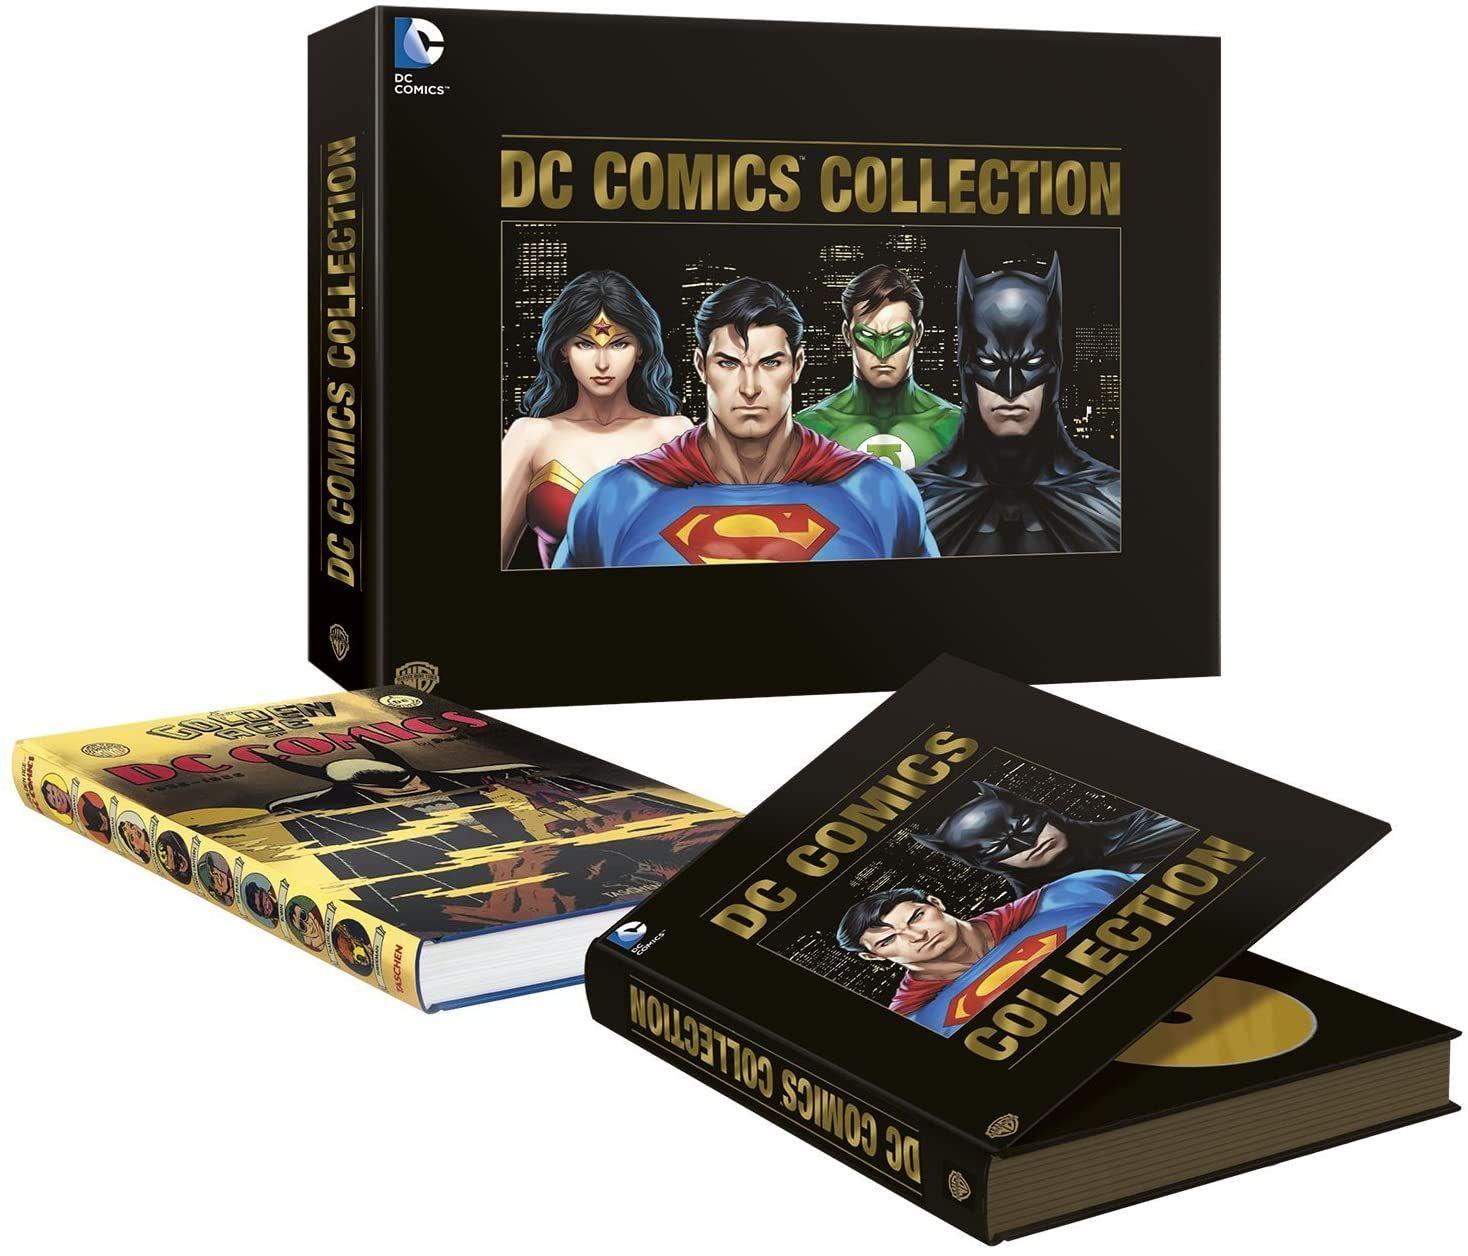 Coffret DVD L'Âge d'or DC Comics (Édition Limitée et Numérotée)